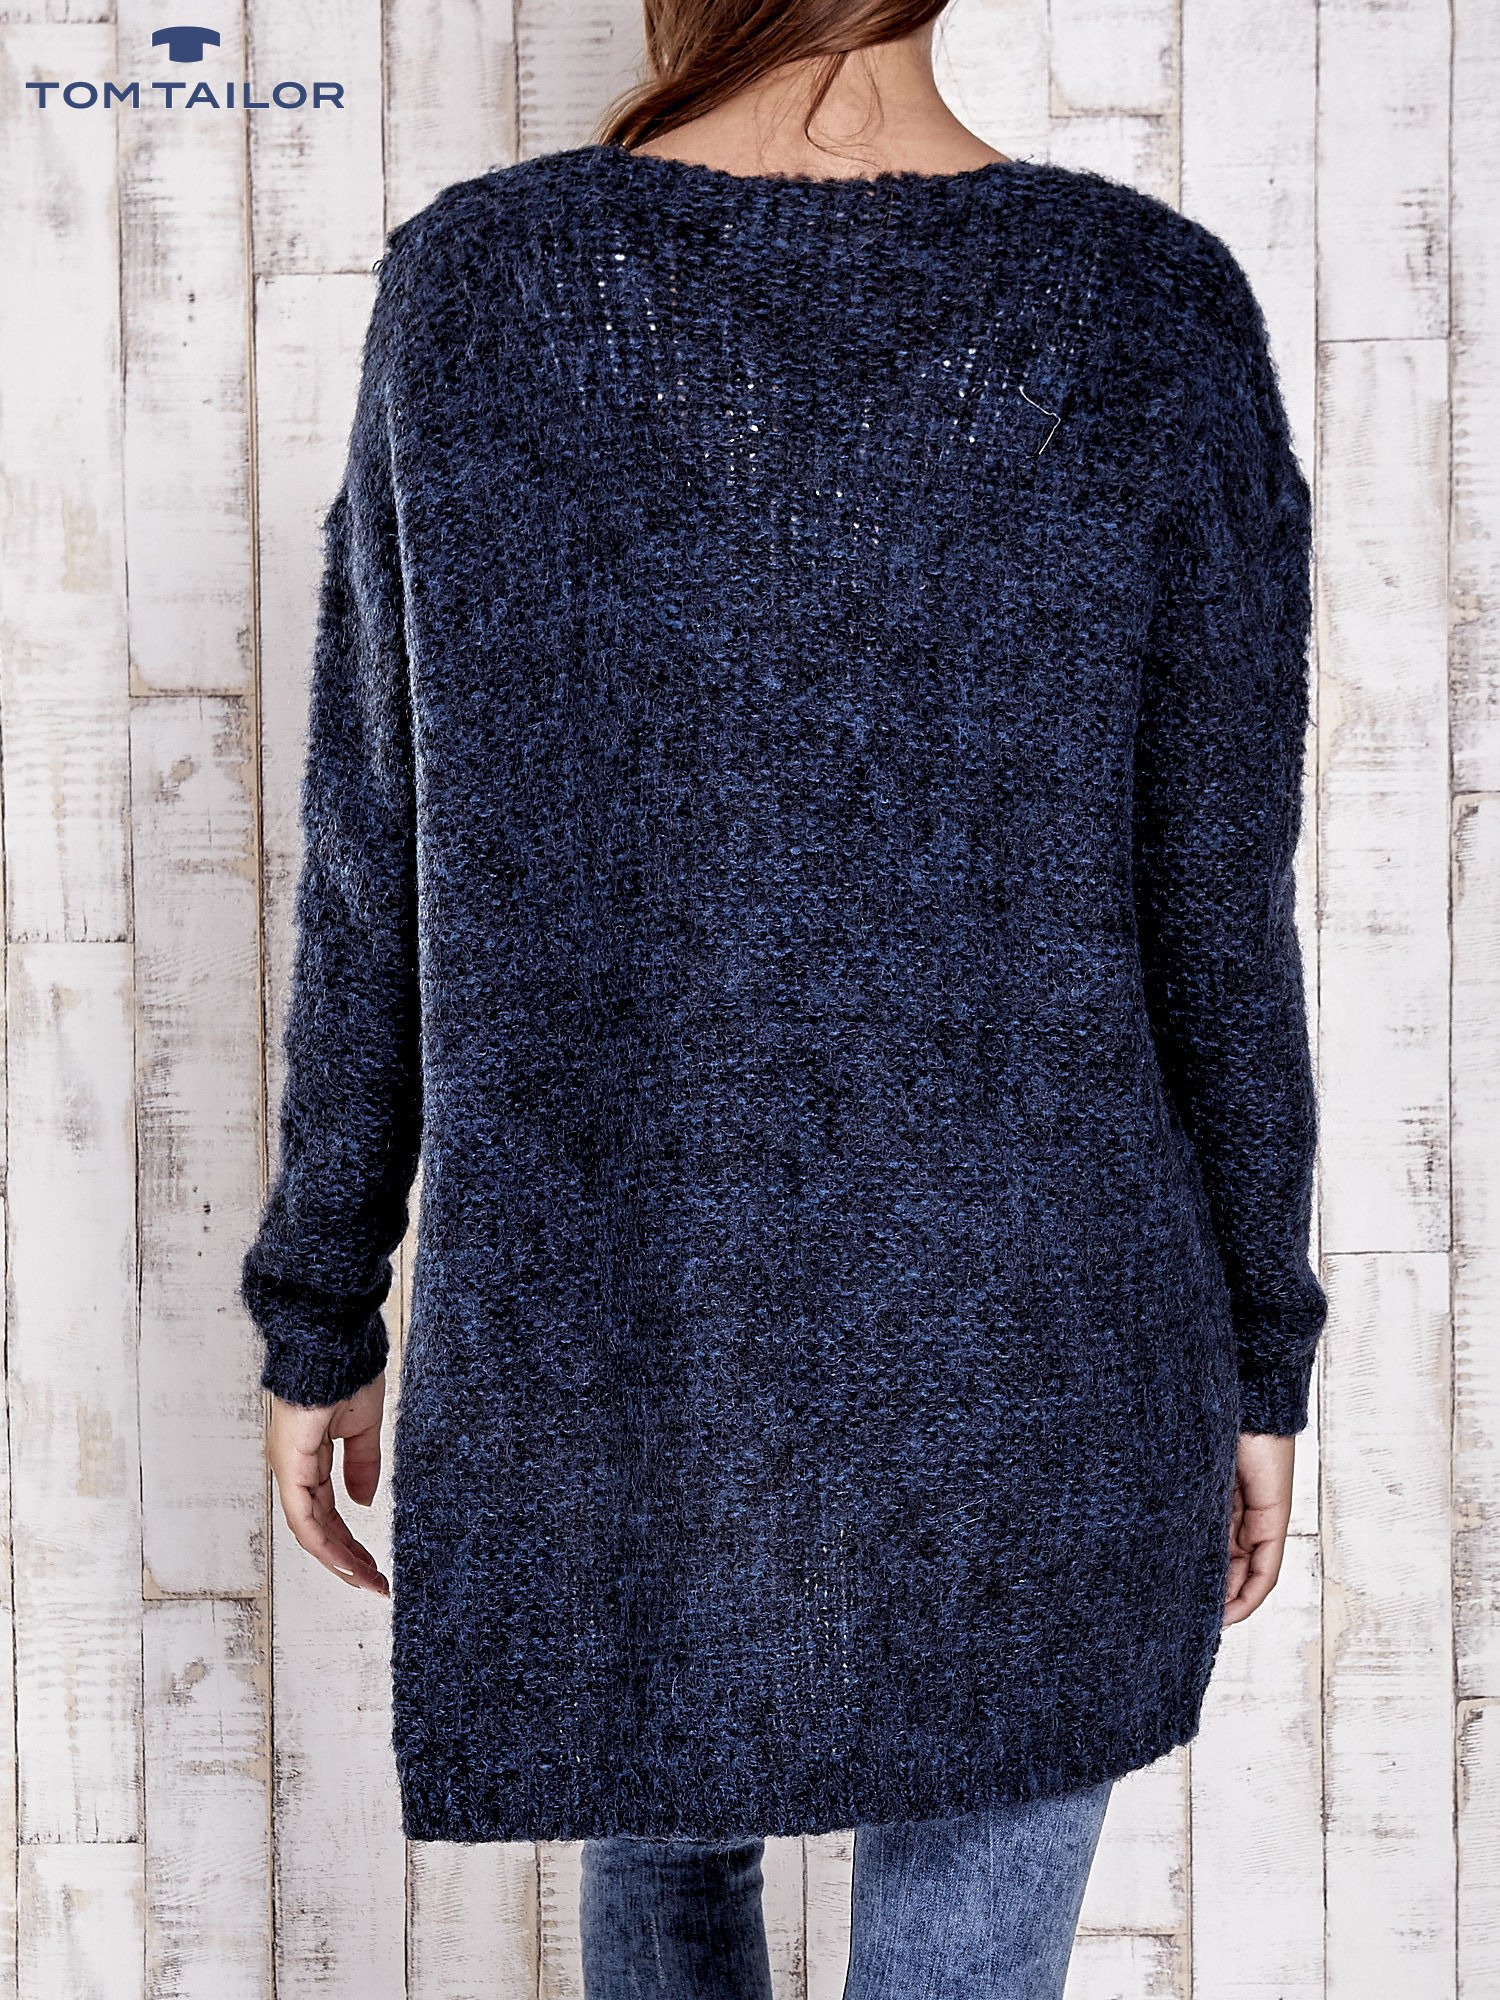 TOM TAILOR Granatowy melanżowy sweter z zapięciem na guziki                                  zdj.                                  5